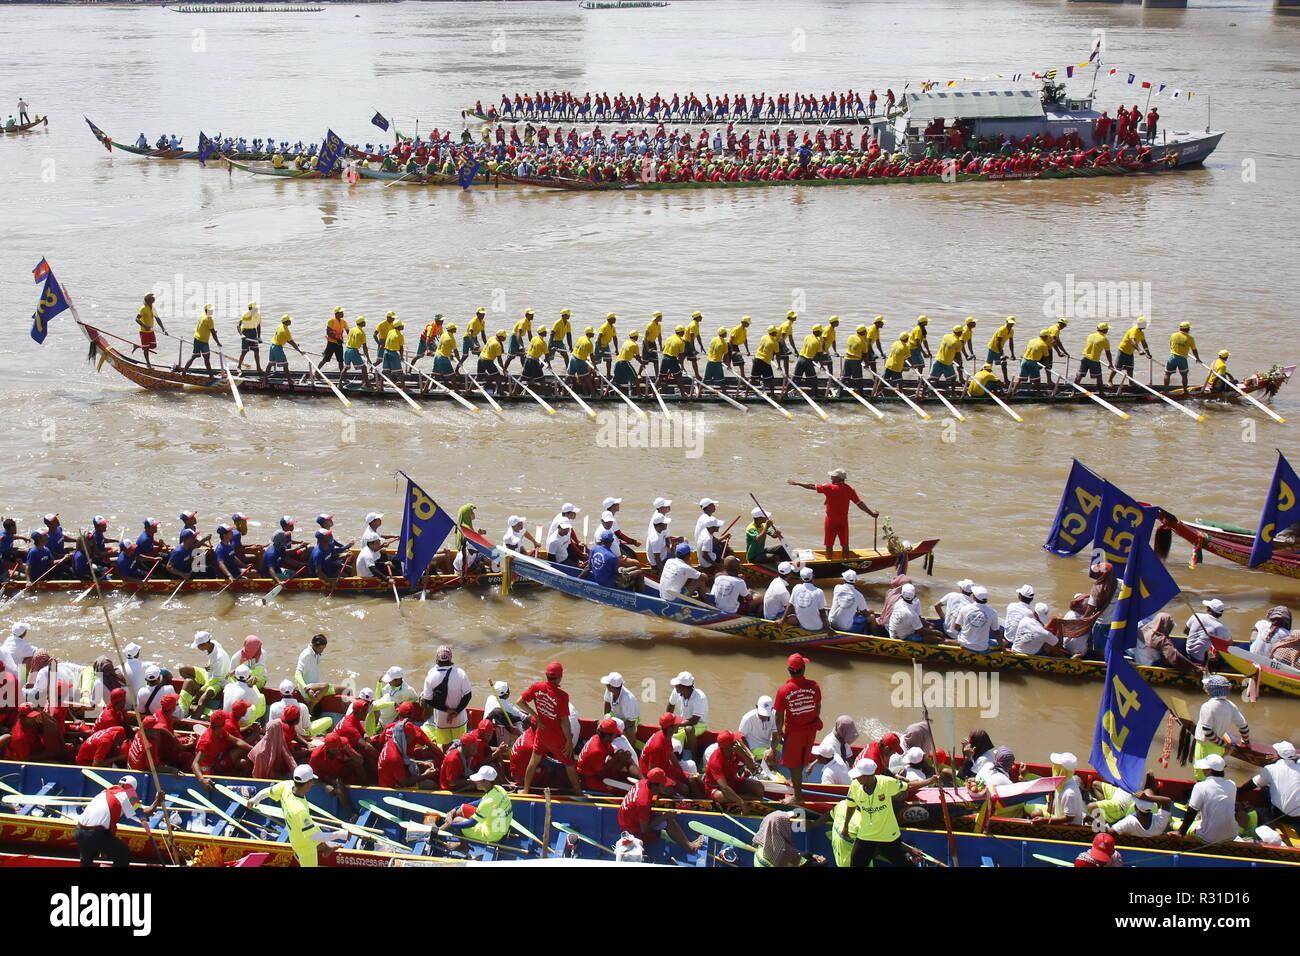 Phnom Penh. 21 Nov, 2018. Lanchas de carreras toman parte en el Festival del Agua en el río Tonle Sap, en Phnom Penh, Camboya el 21 de noviembre de 2018. Camboya empezó a celebrar el Festival de agua de tres días aquí el miércoles con las razas de barco atrae a decenas de miles de espectadores de todo el reino. Crédito: Sovannara/Xinhua/Alamy Live News Imagen De Stock